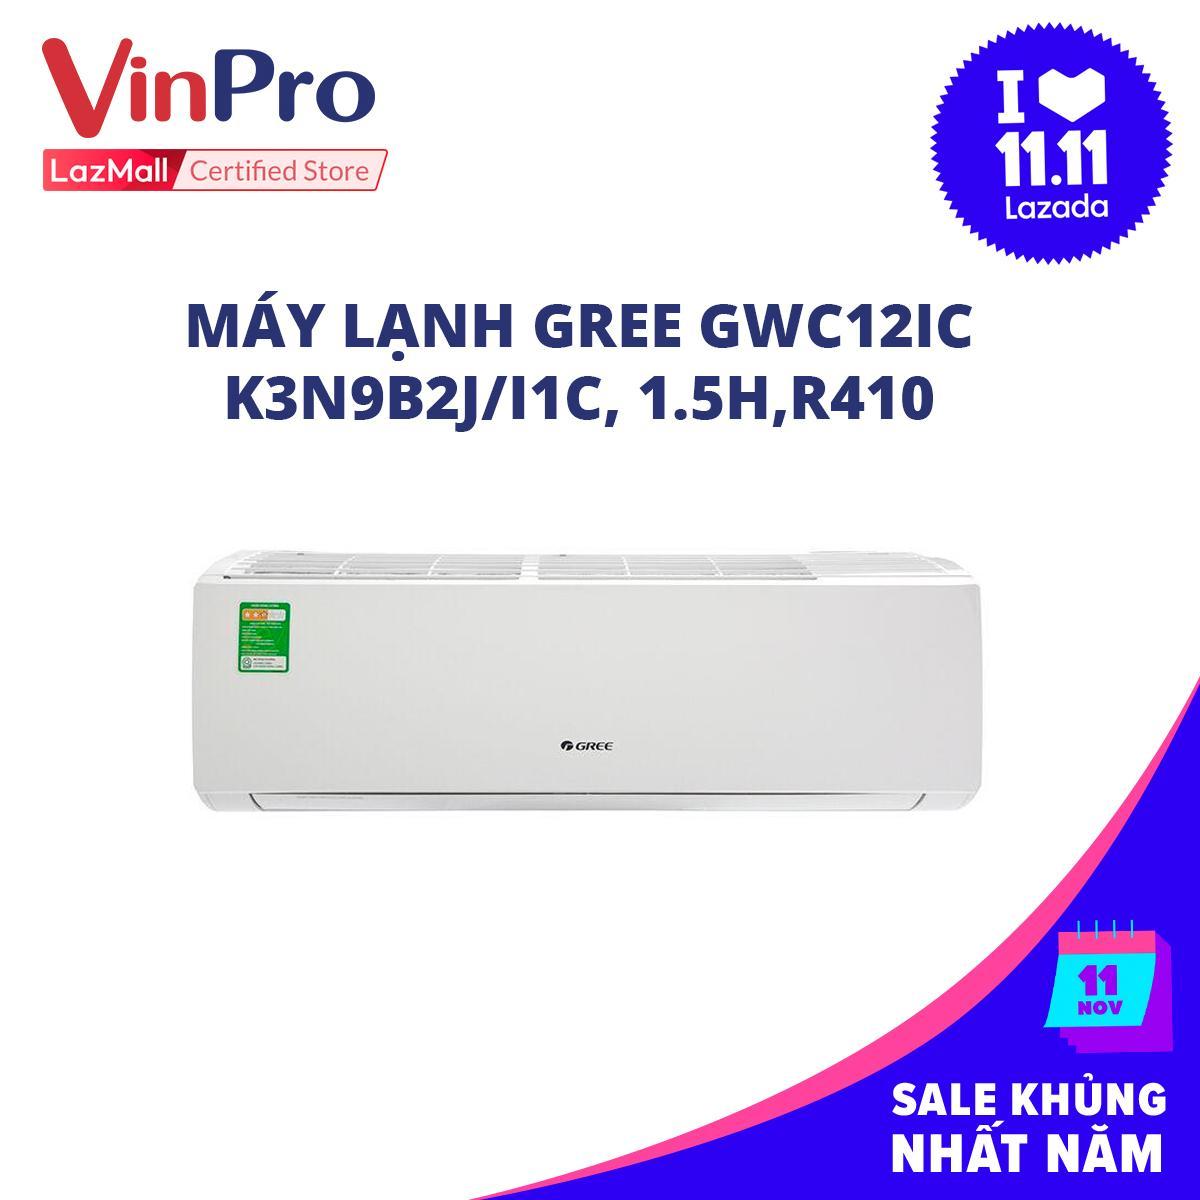 Bảng giá Máy lạnh Gree GWC12IC-K3N9B2J/I, 1C, 1.5H,R410